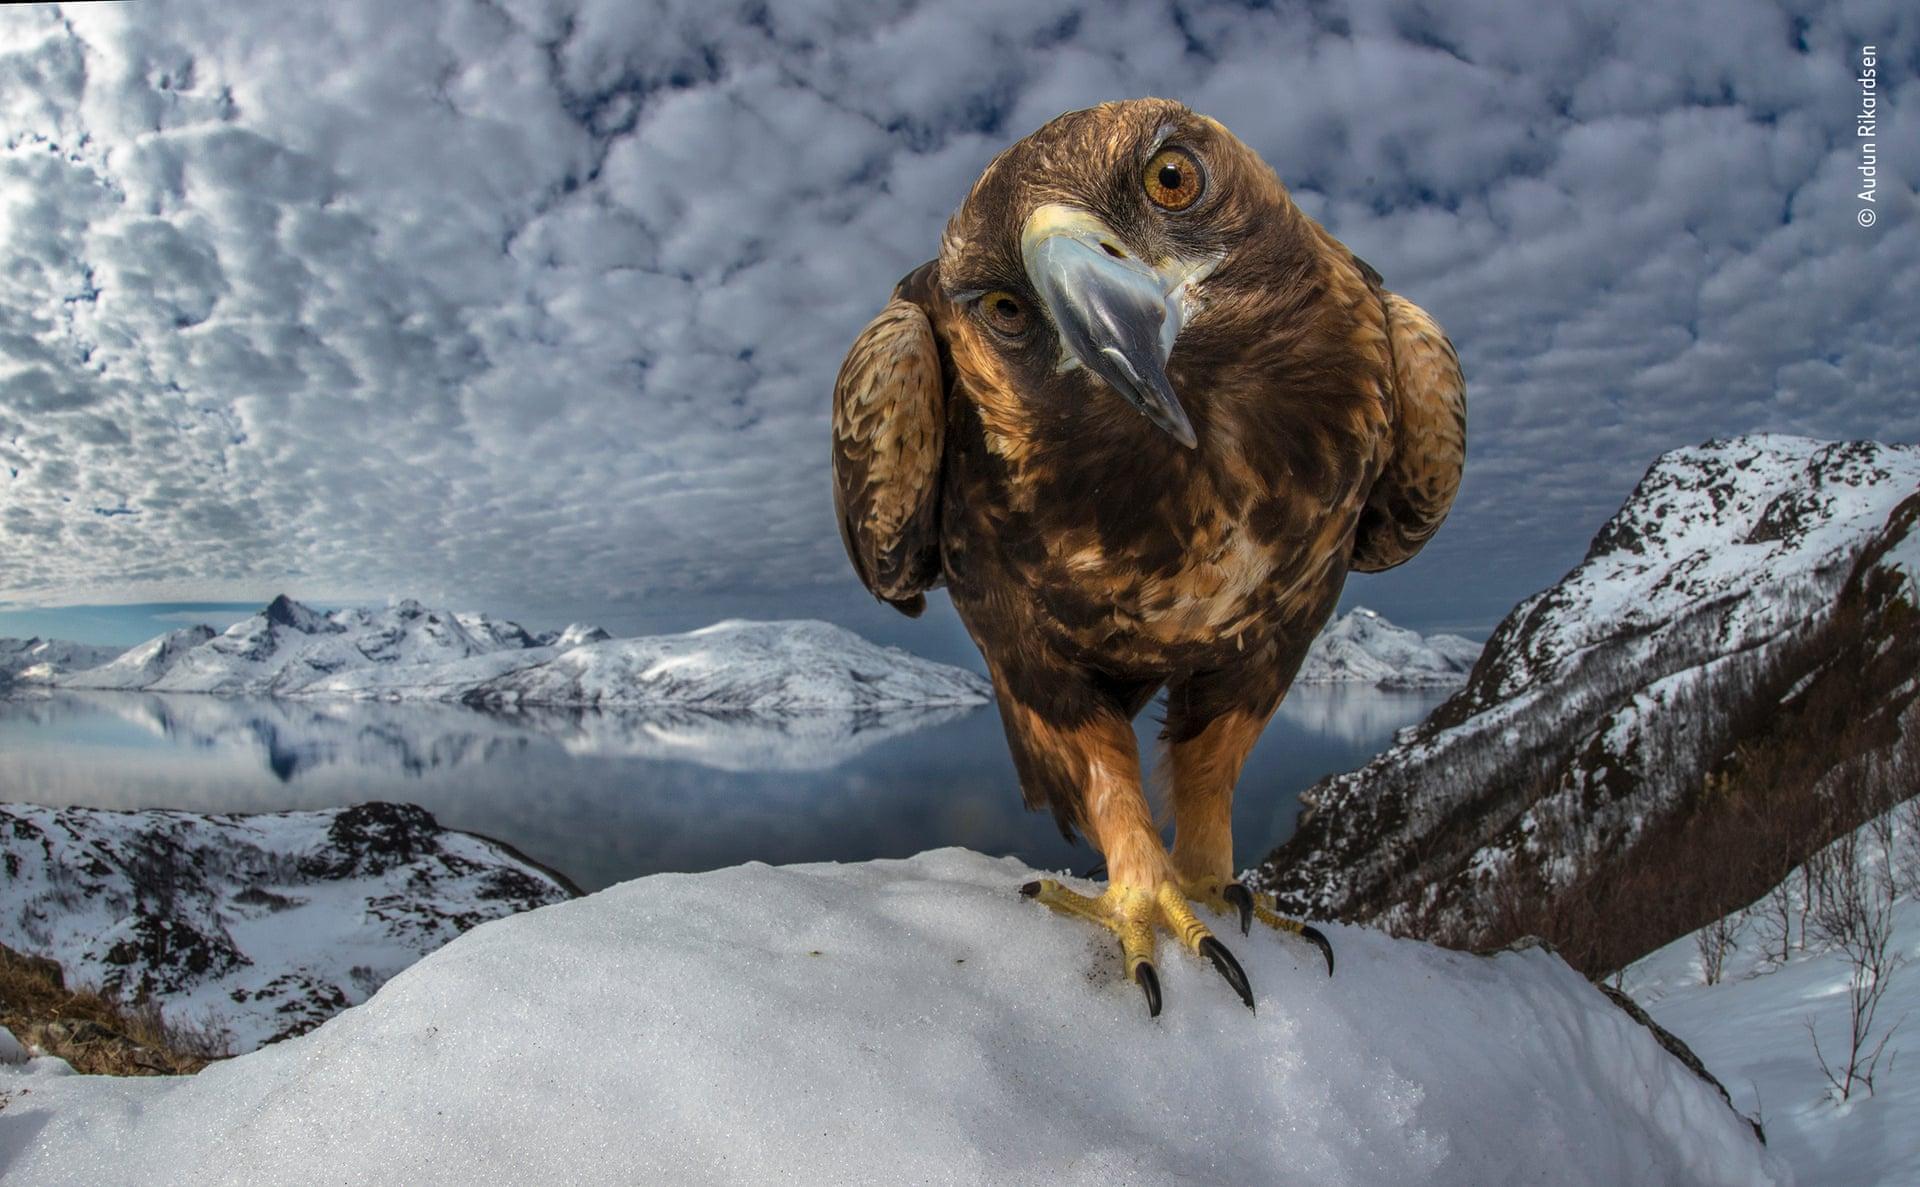 Лучший фотограф дикой природы: топ-10 впечатляющих снимков конкурса.Вокруг Света. Украина